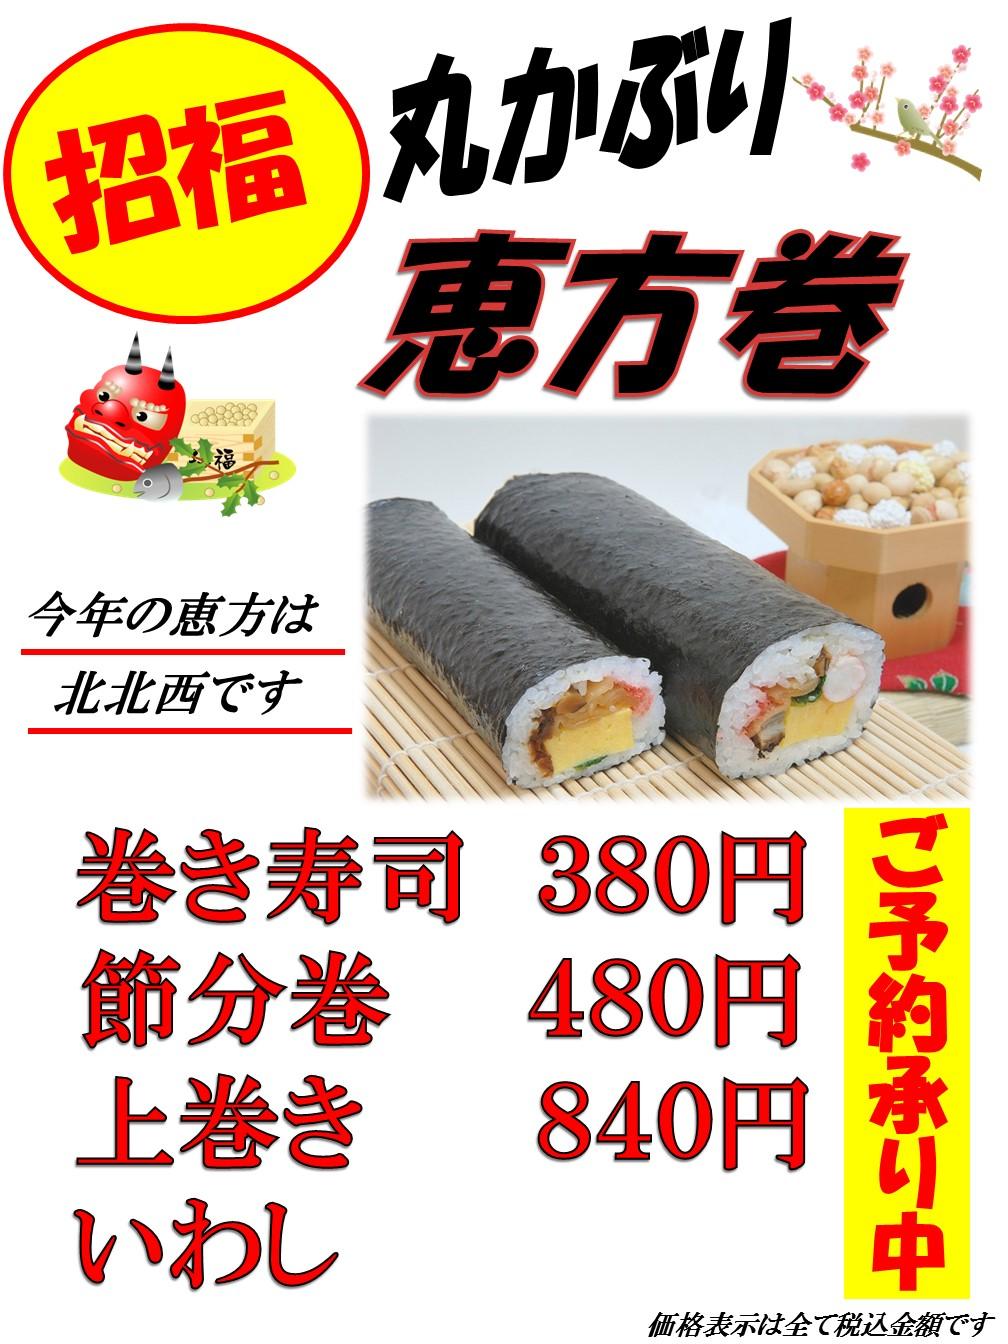 2月3日は恵方巻!!